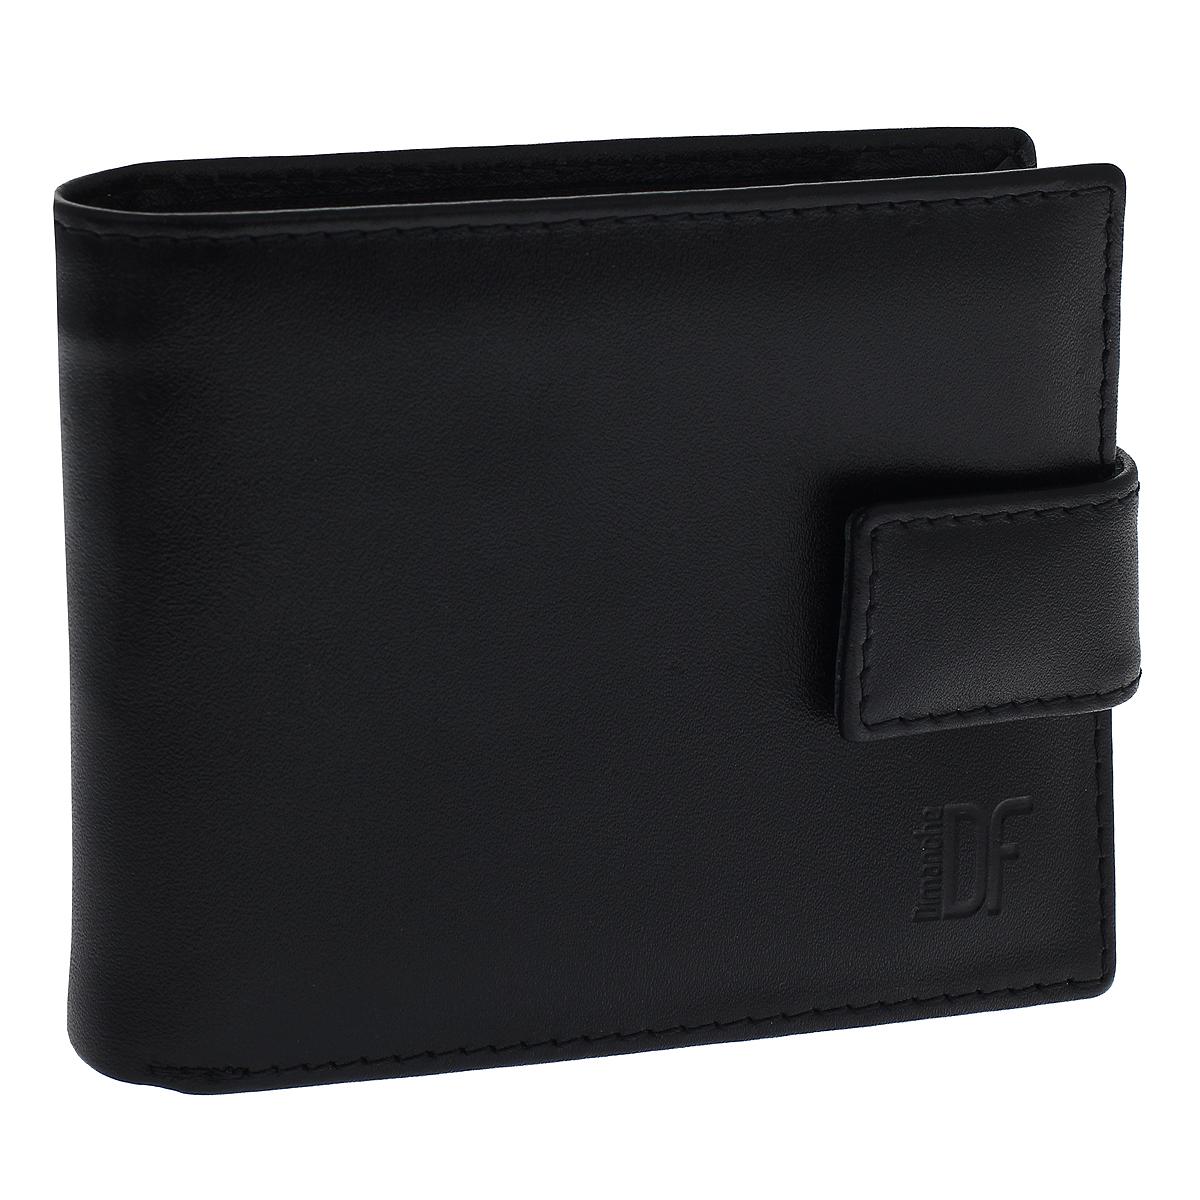 Портмоне мужское Dimanche Bond, цвет: черный. 964INT-06501Портмоне Dimanche Bond изготовлено из натуральной кожи черного цвета. Закрывается хлястиком на кнопку.Внутри содержится 2 отделения для купюр, дополнительный карман на молнии, 6 карманов для кредитных карт, 2 потайных кармашка для мелких бумаг и объемный карман для мелочи, который закрывается клапаном на кнопку. Внутри кошелек отделан атласным полиэстером черного цвета с узором. Фурнитура - серебристого цвета.Стильное портмоне отлично дополнит ваш образ и станет незаменимым аксессуаром на каждый день. Упаковано в фирменную картонную коробку коричневого цвета. Характеристики: Материал: натуральная кожа, полиэстер, металл. Цвет: черный. Размер портмоне (ДхШхВ): 11,5 см х 9,5 см х 2,5 см.